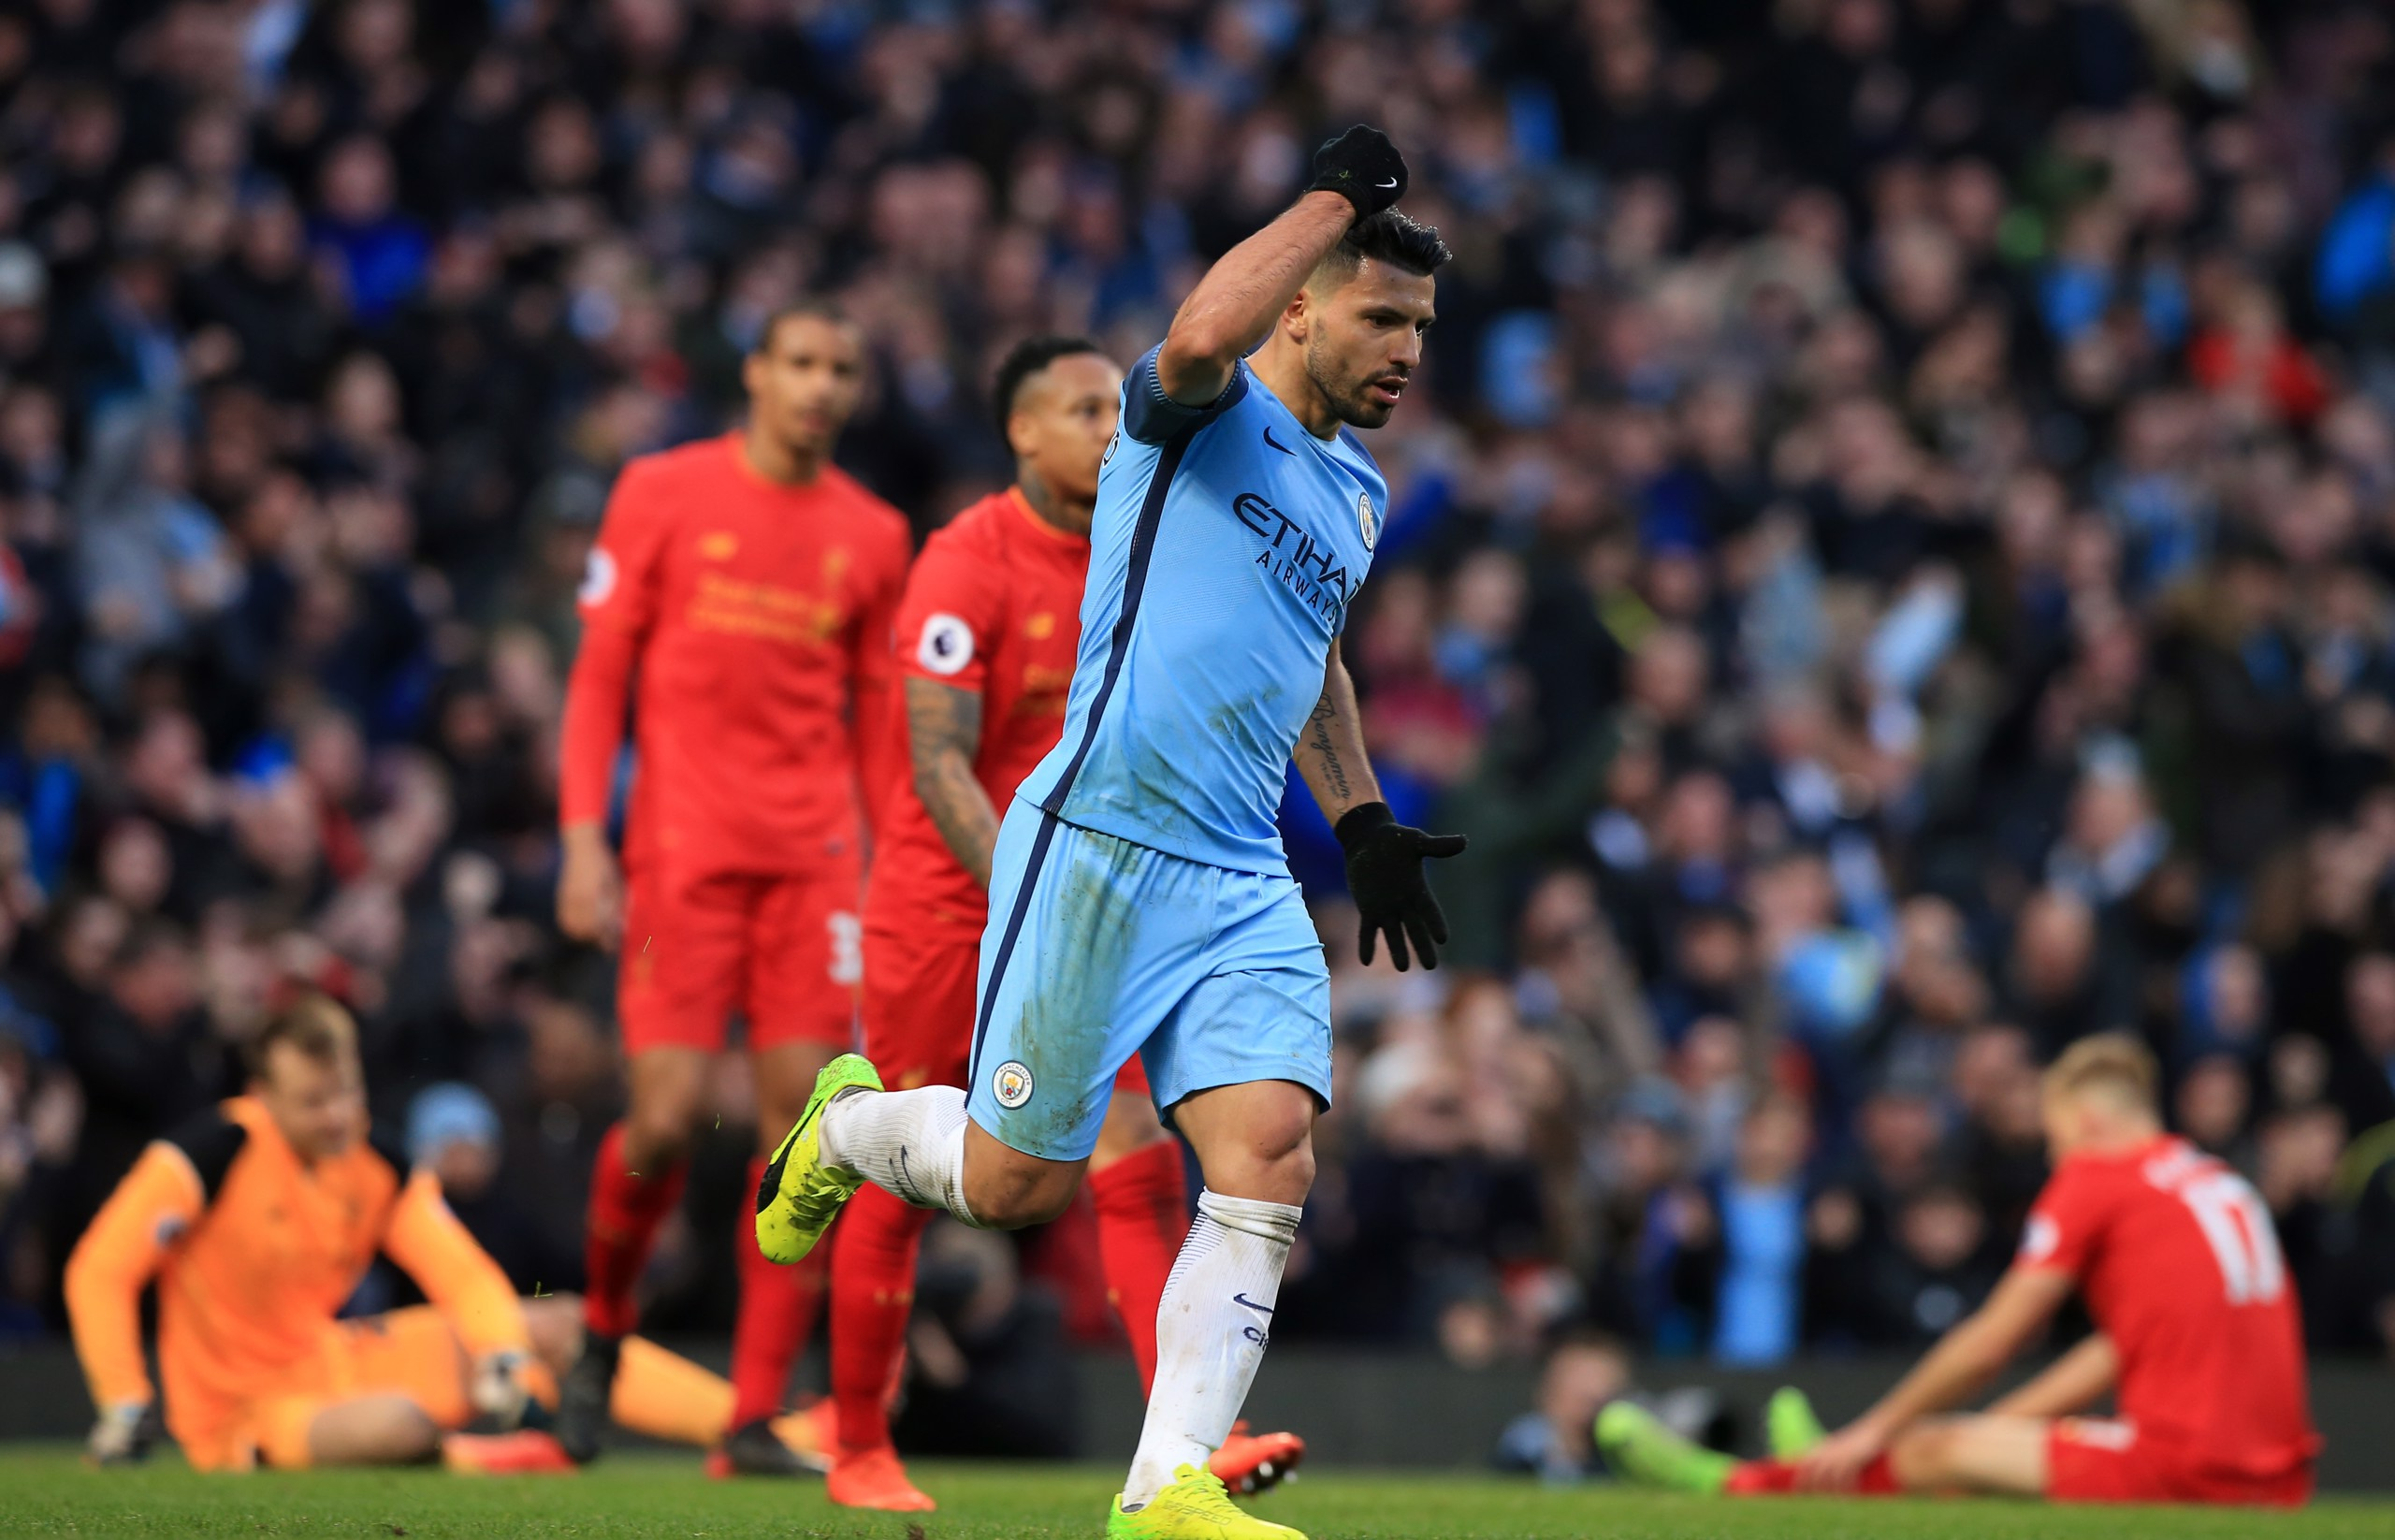 에티하드에서 펼쳐진 리버풀전에서 득점을 성공시킨 세지오 아구에로